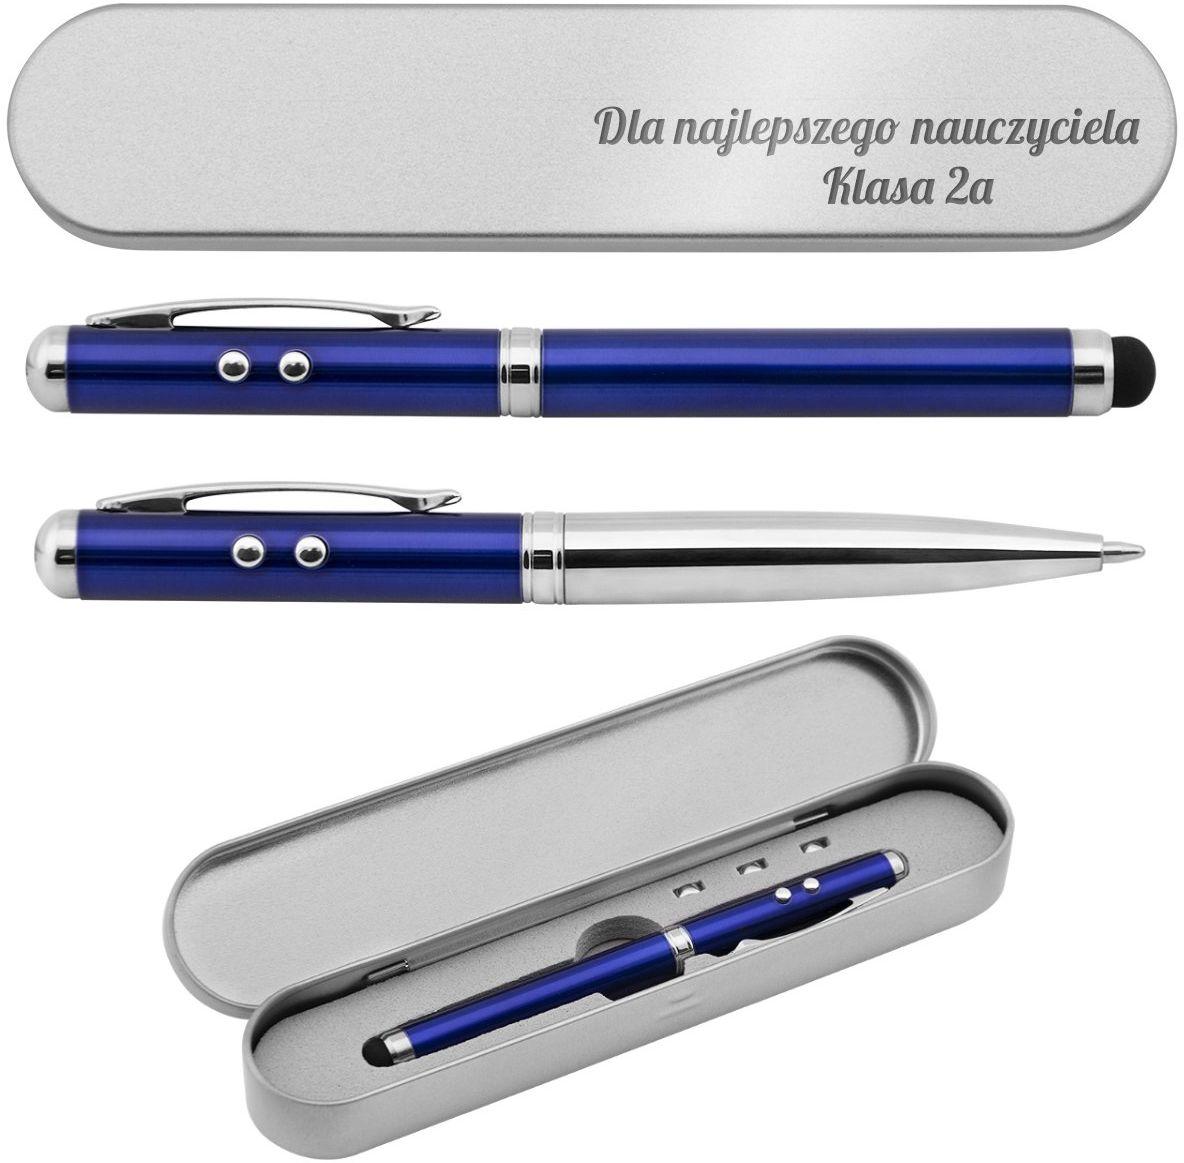 Długopis ze wskaźnikiem laserowym Supreme 4 w 1 Grawer